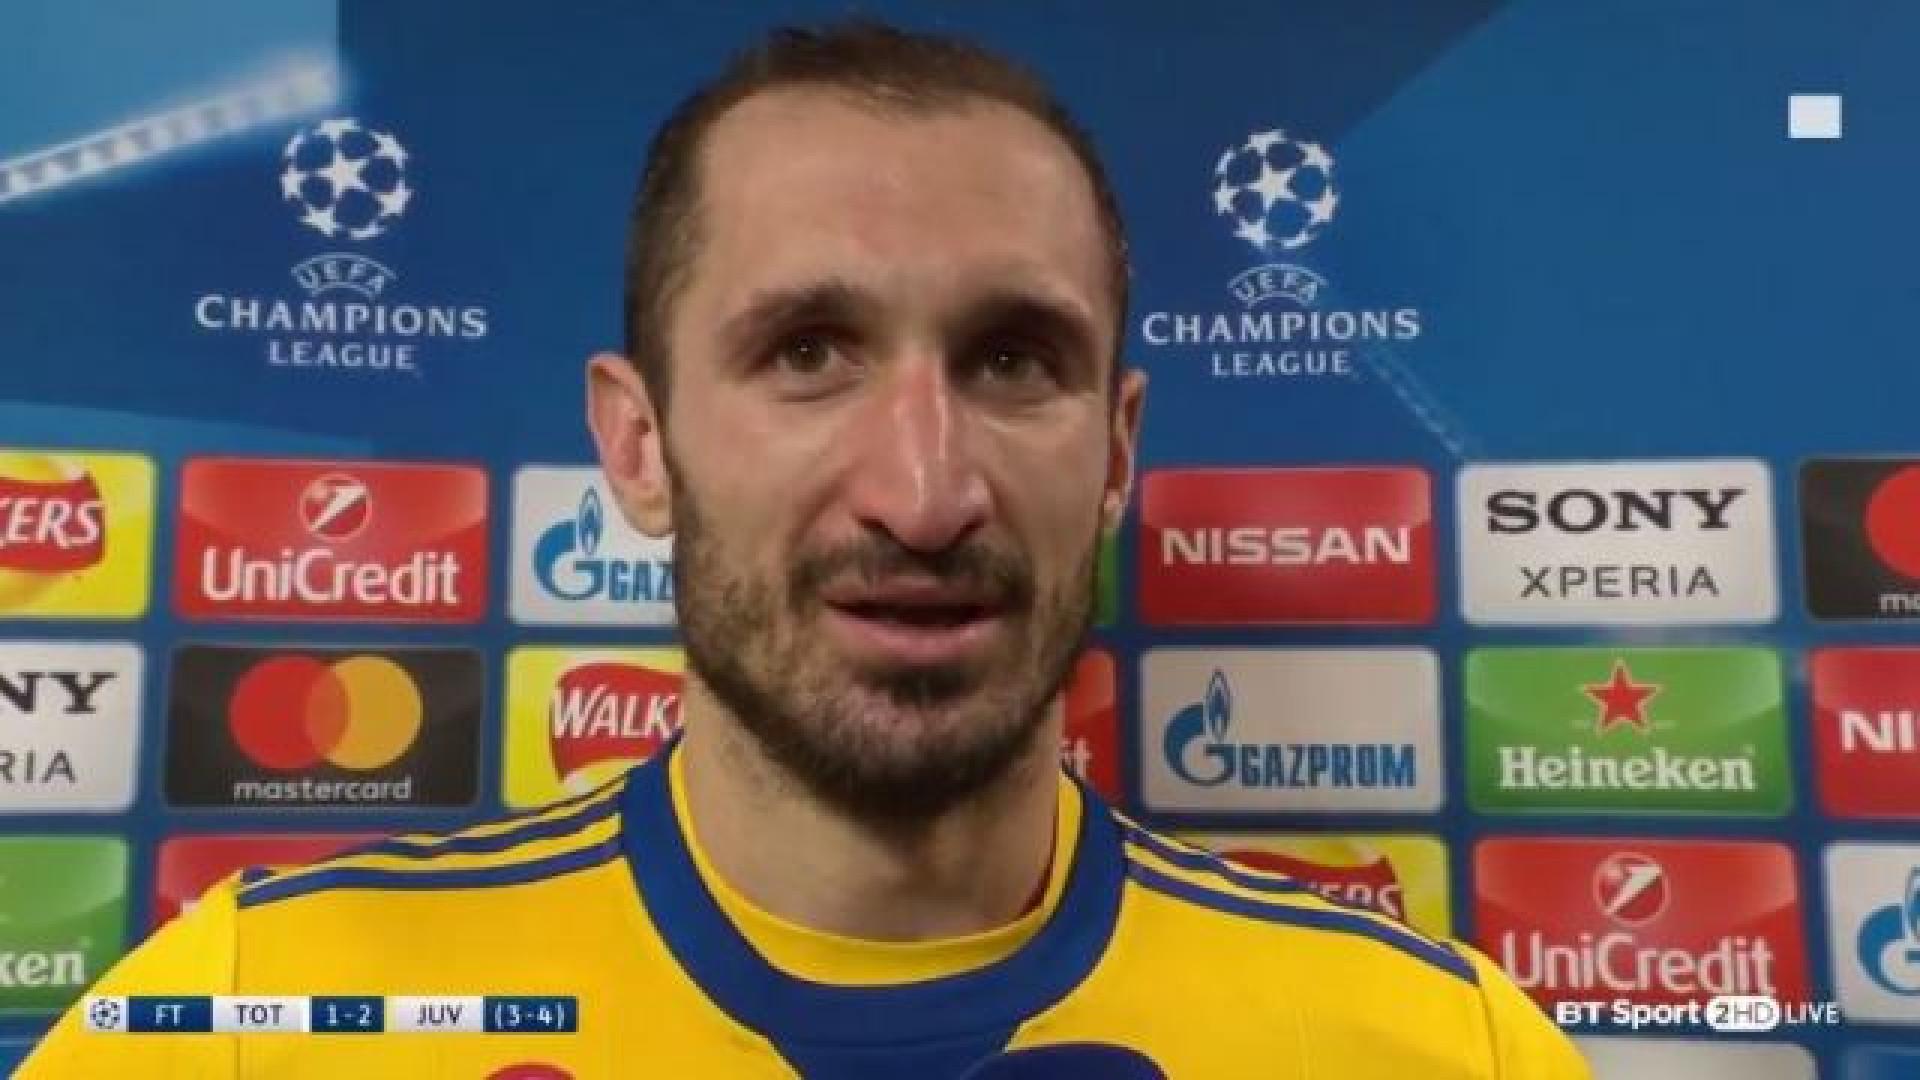 Chiellini emociona-se ao falar de Astori e dedica vitória ao amigo